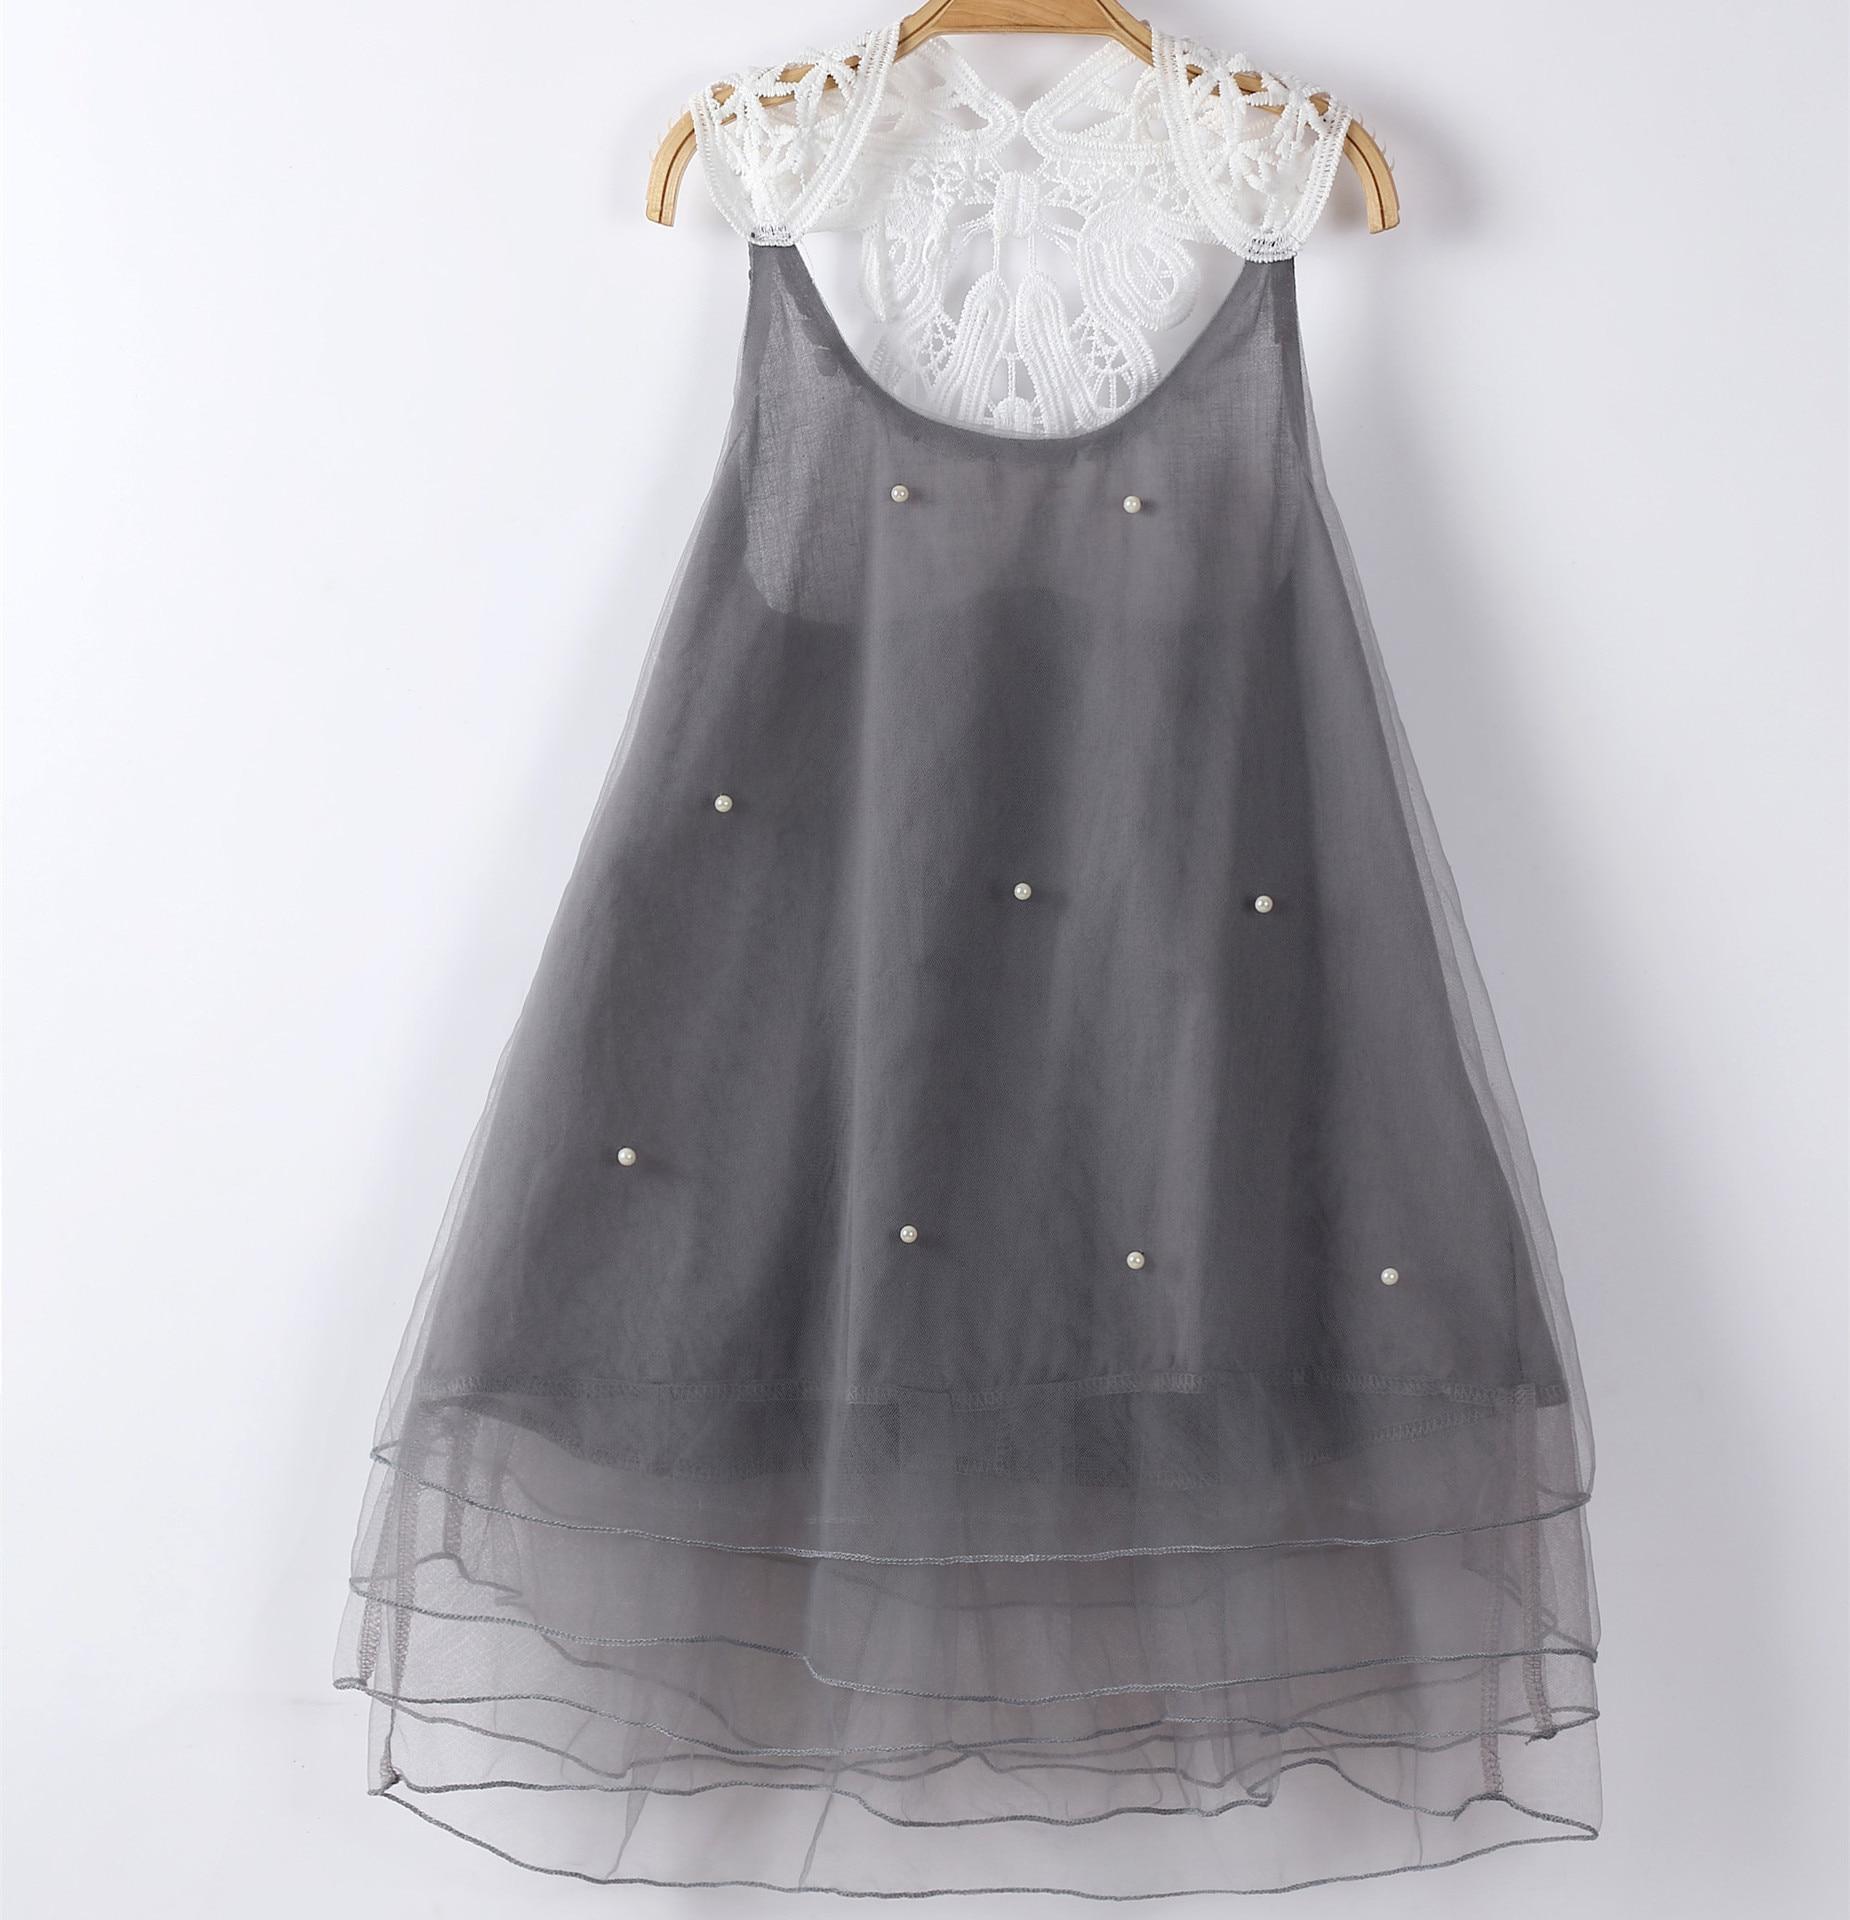 2 3 4 5 6 7 8 9 anos Meninas Vestido De Verão Sem Mangas Crianças Vestidos de Princesa Flor Do Laço de Pérolas Pouco roupa dos miúdos para Meninas